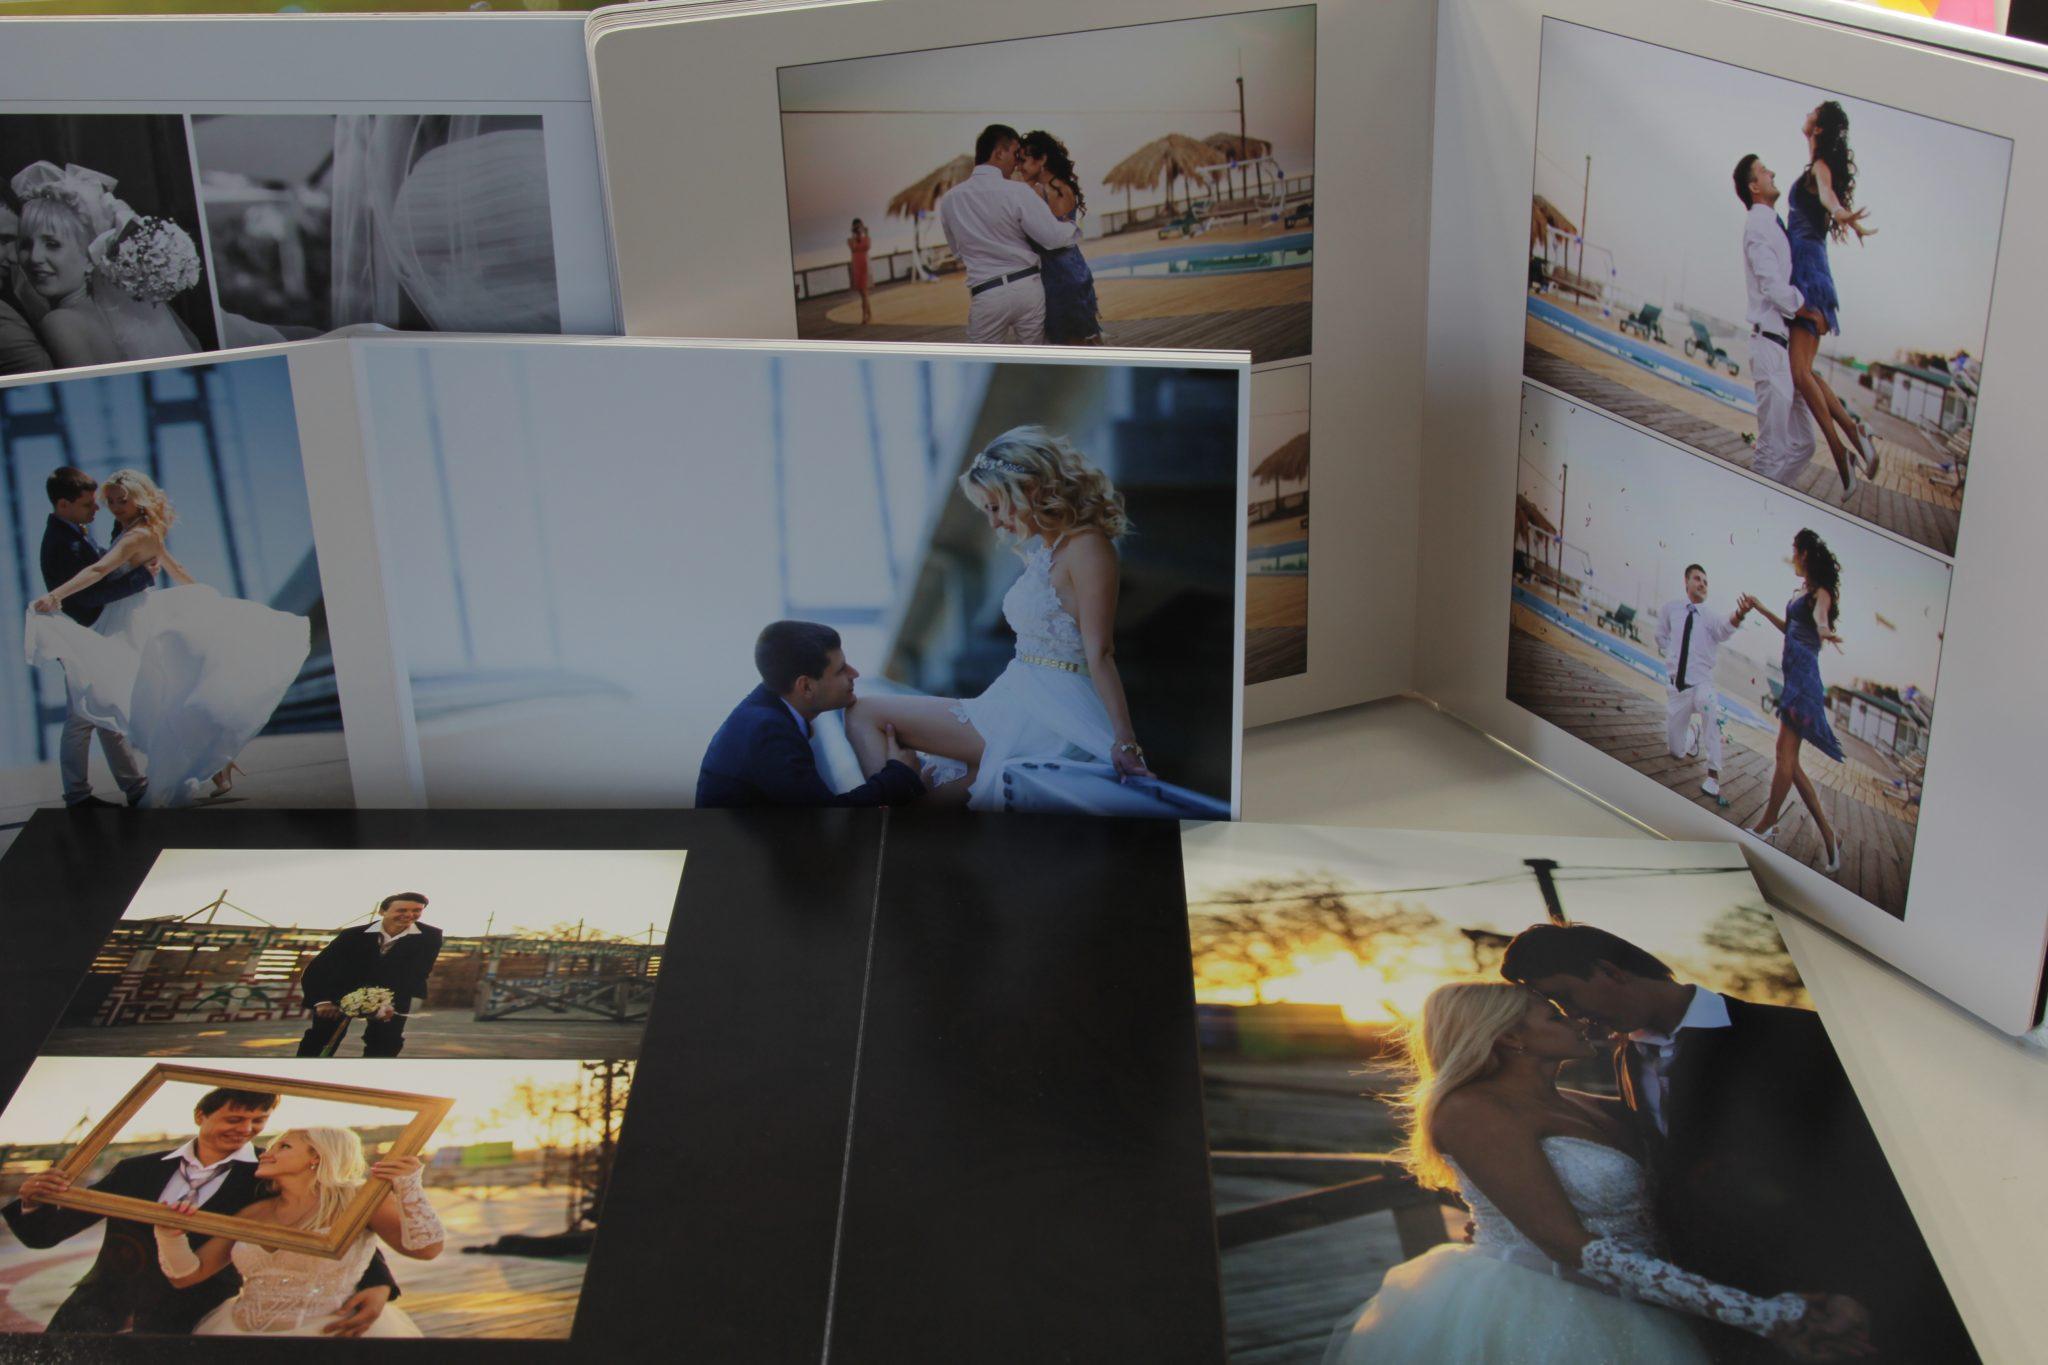 Фотокниги, которые можно заказать в фотостудии Frontpage